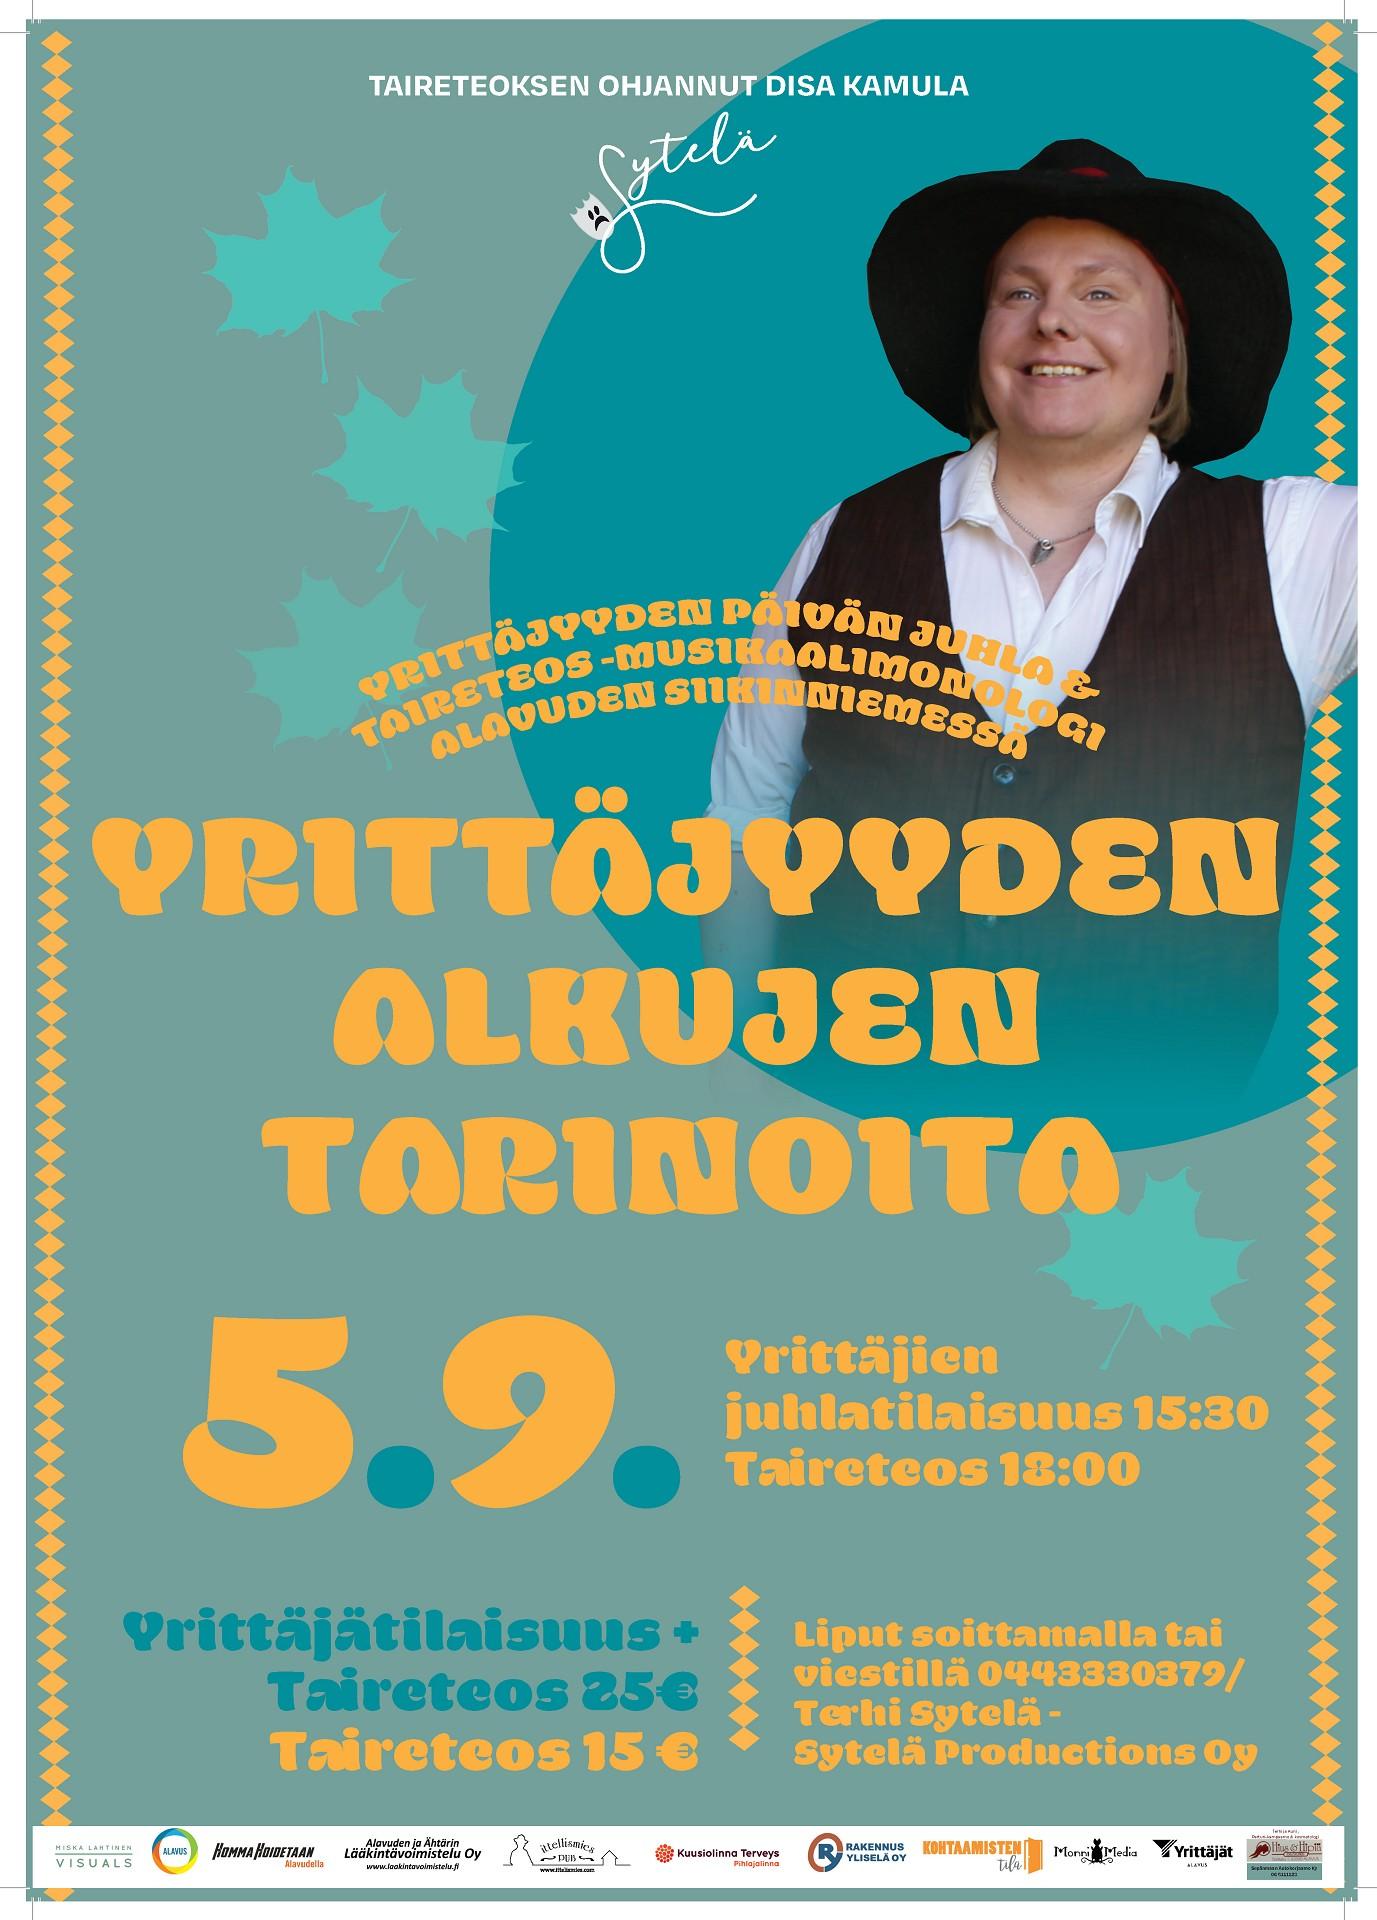 Yrittäjyyden alkujen tarinoita - Taireteos-esitys Alavuden Siikinniemessä sunnuntaina 5.9.2021